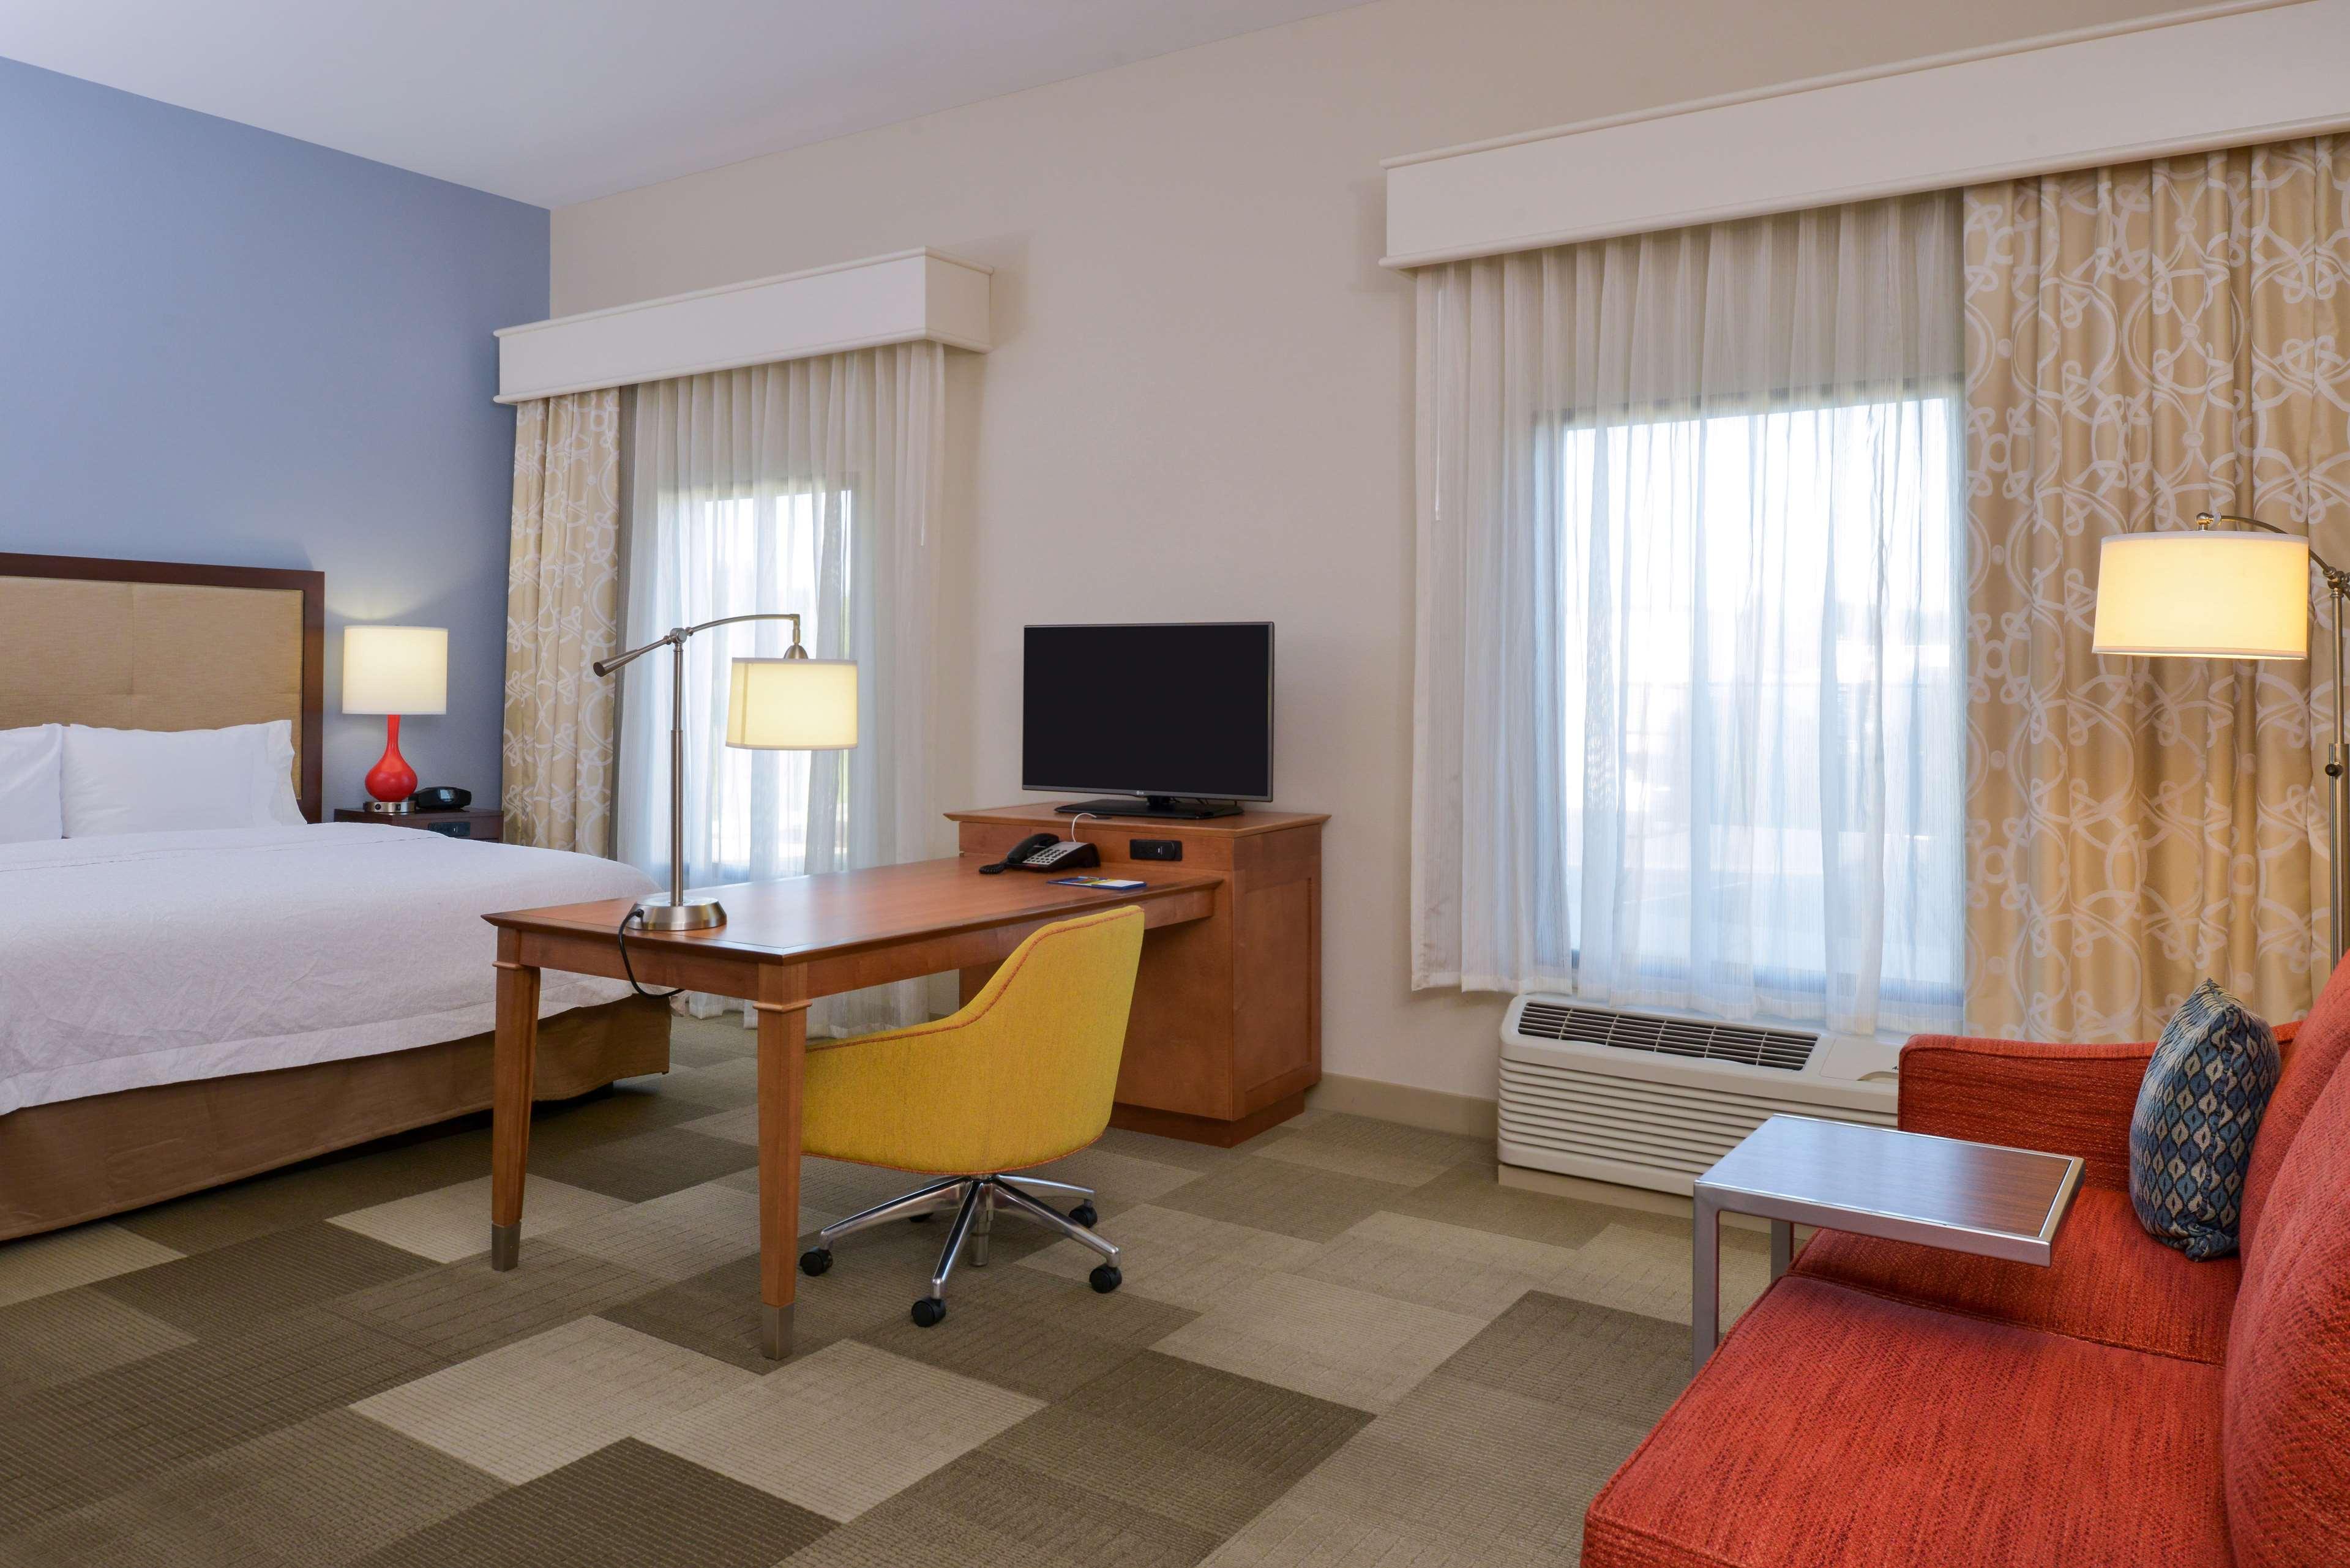 Hampton Inn & Suites Lonoke image 42